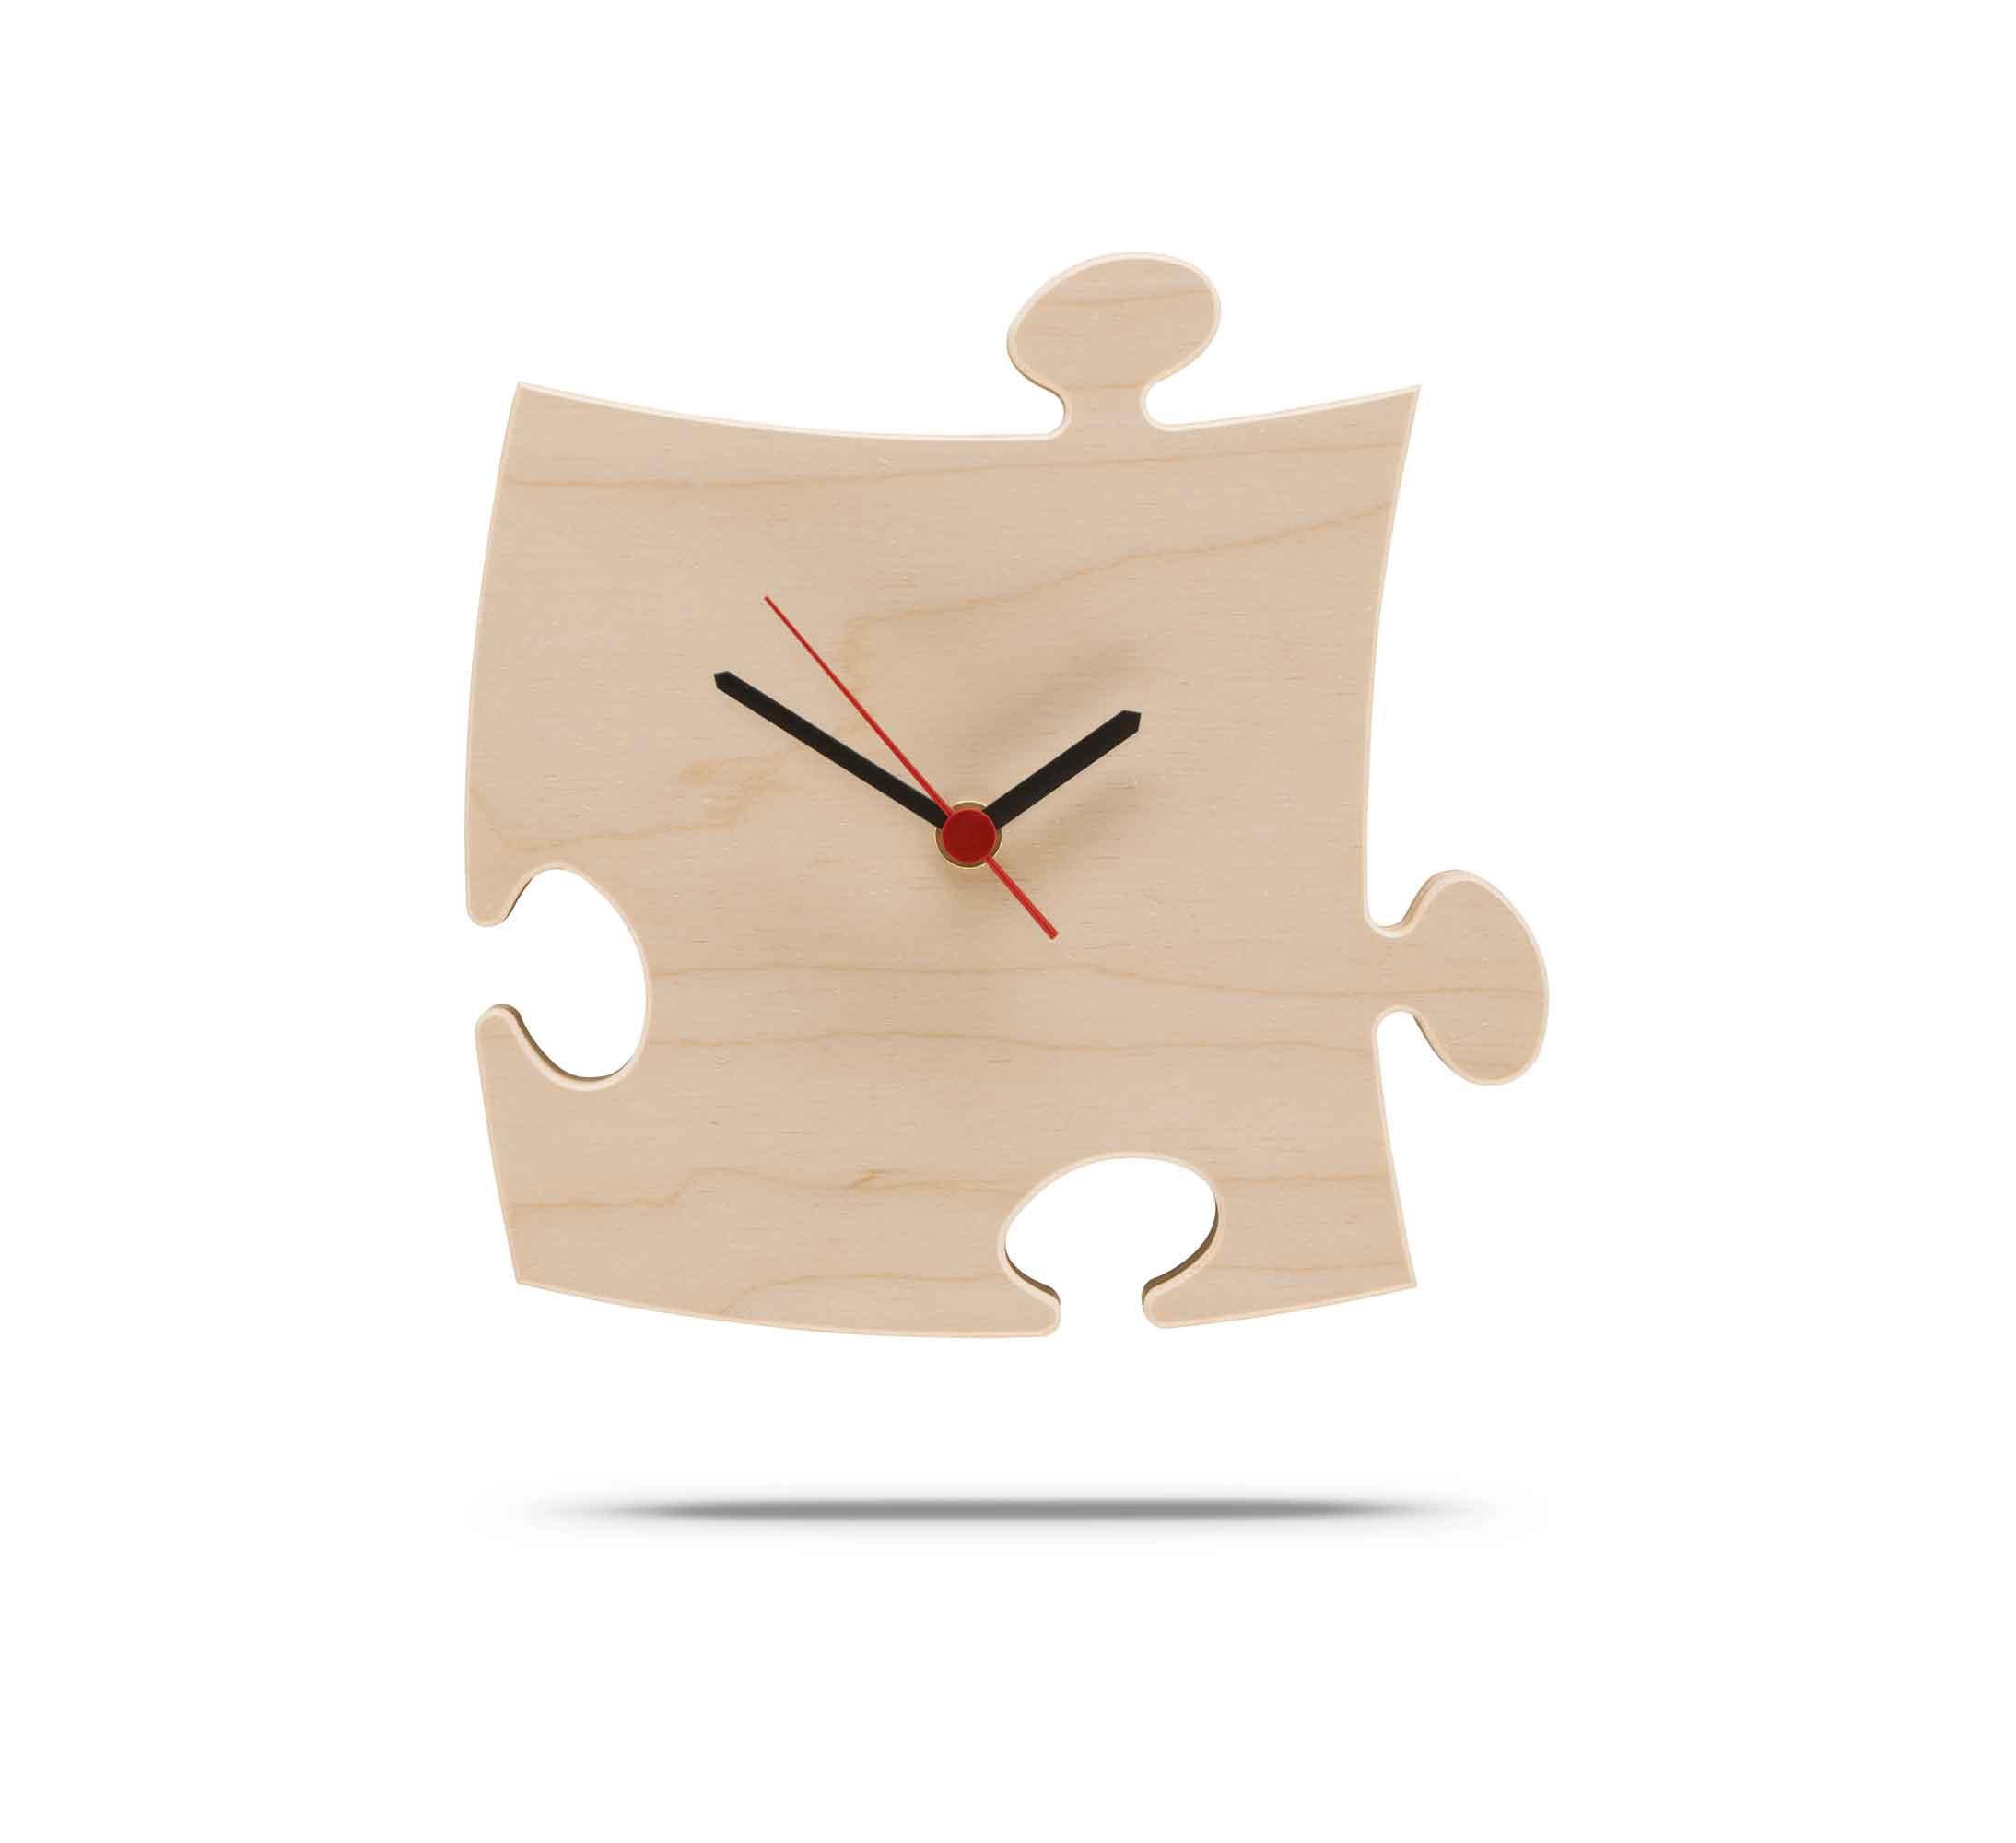 PUZZLES+ Uhr, 2 Puzzle Ebenen - Country-Living Shop